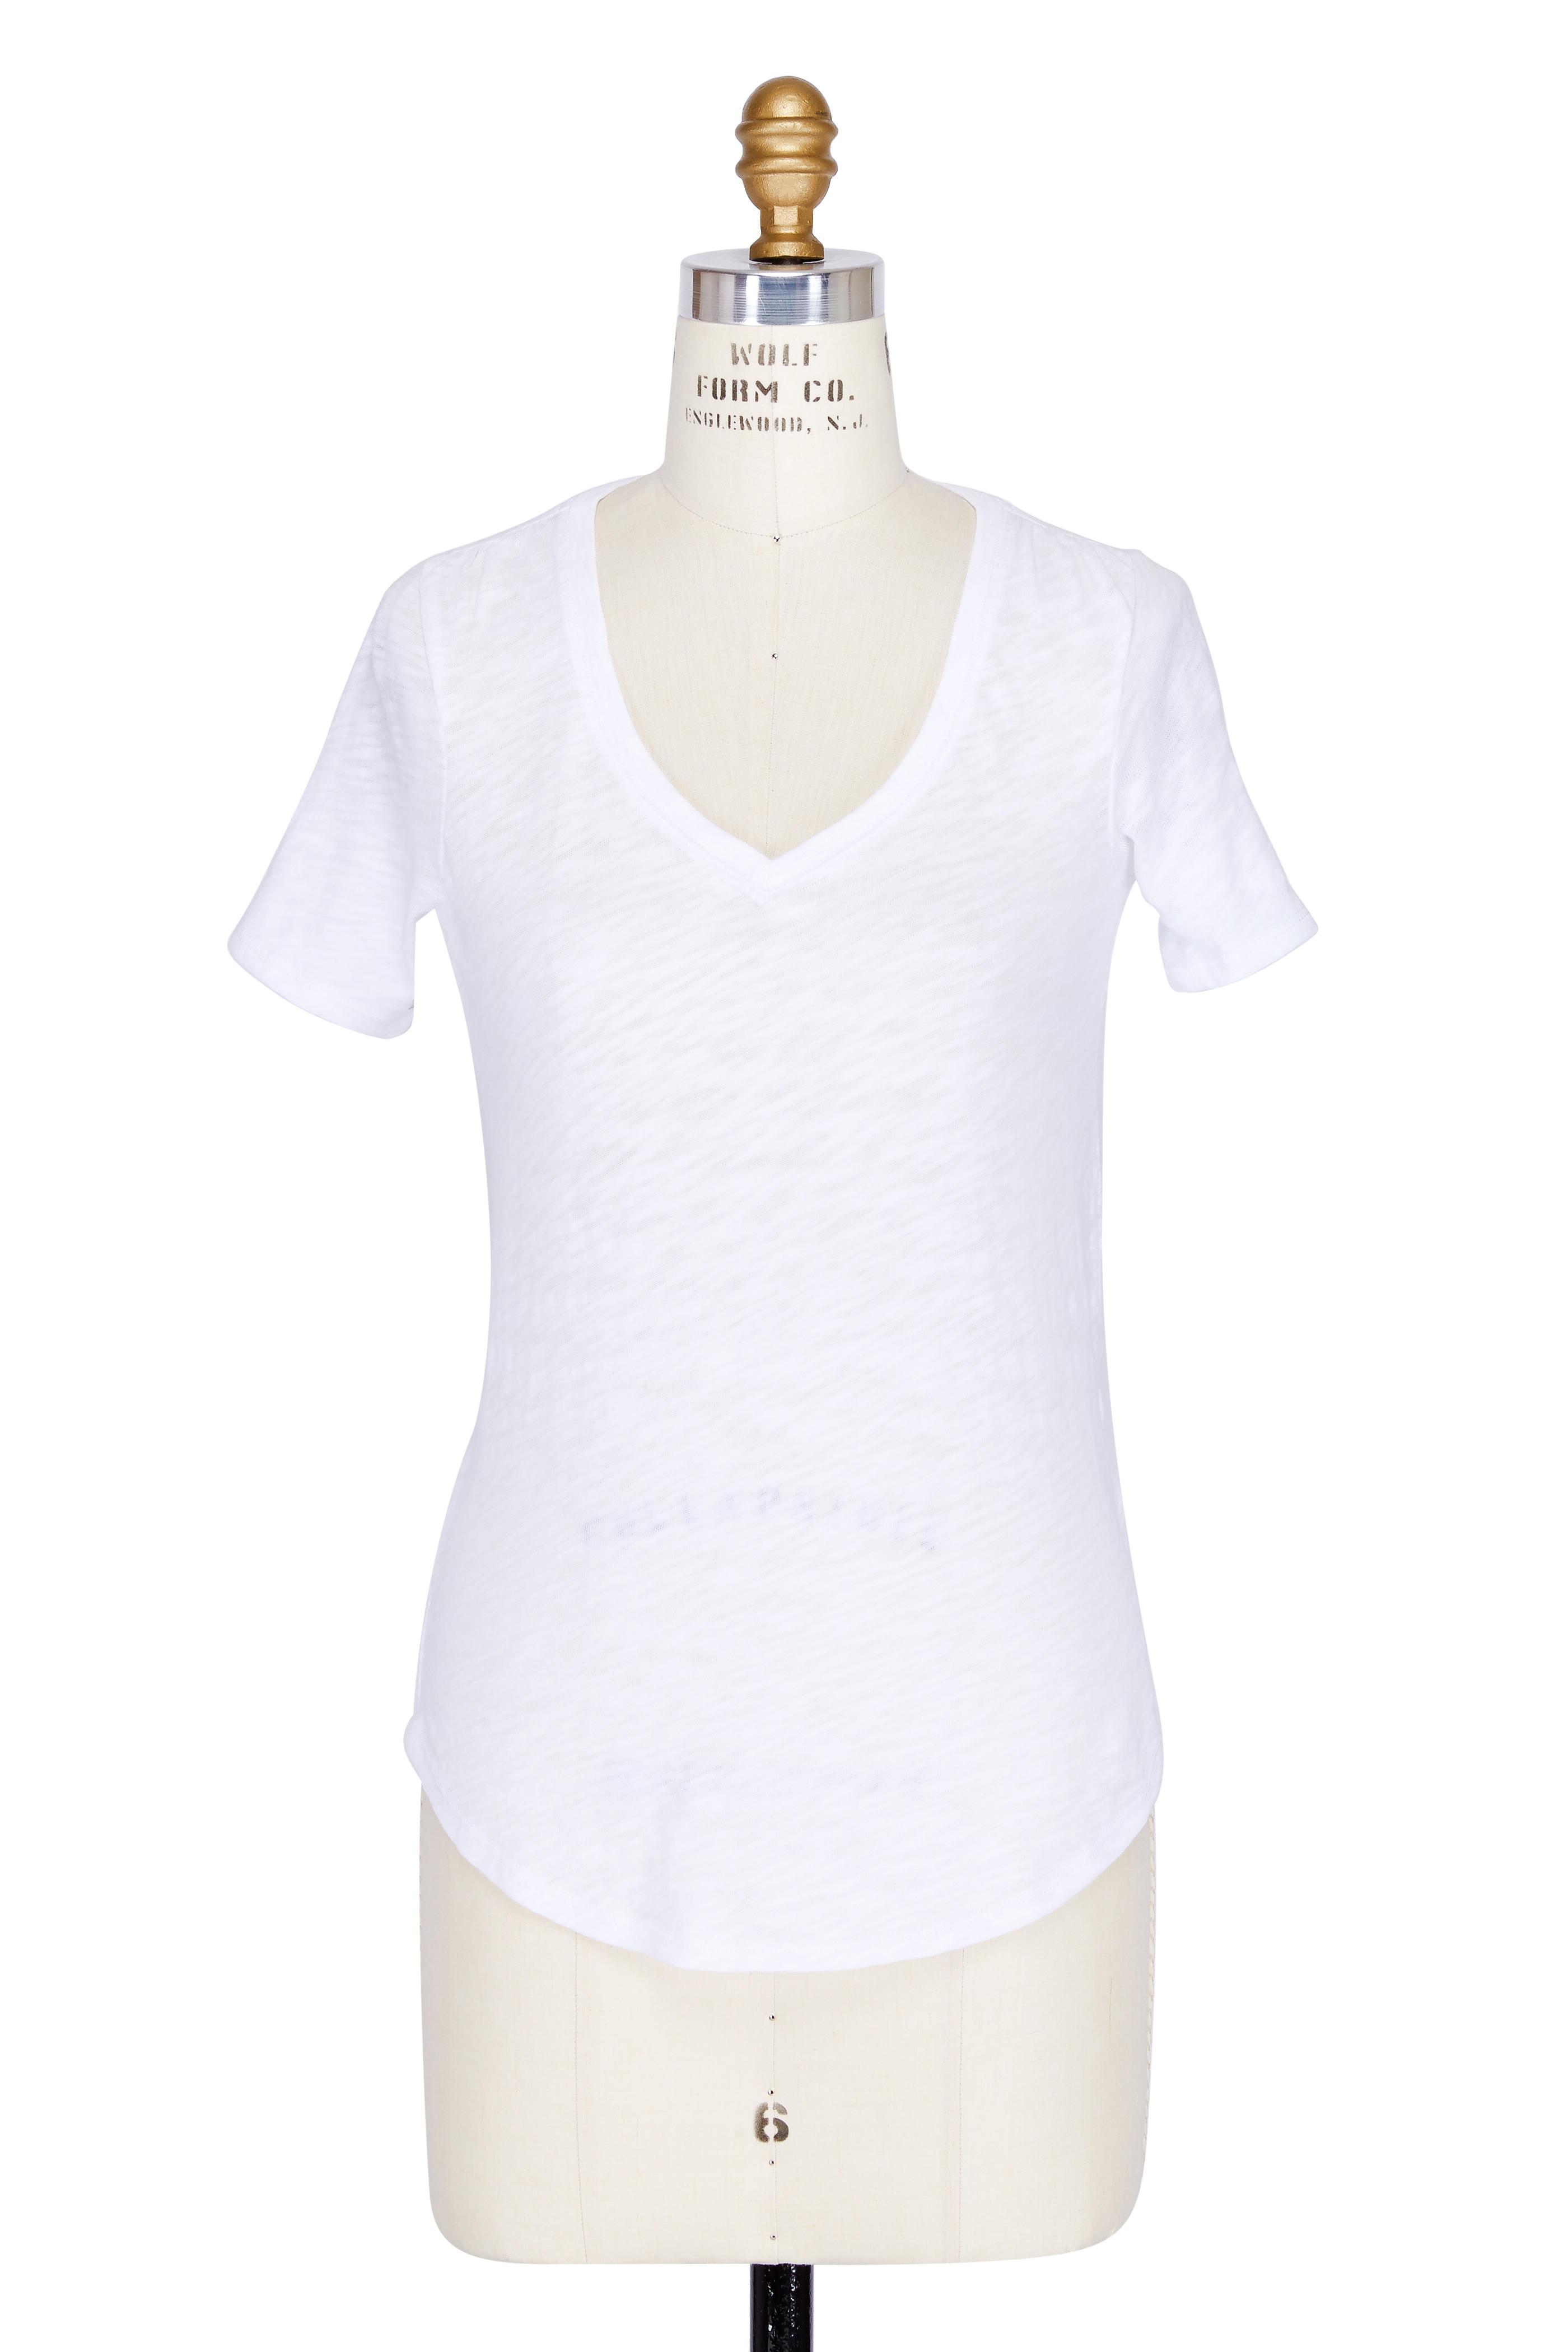 de69a1d2 A T M - White Slub Cotton Short Sleeve V-Neck T-Shirt | Mitchell Stores